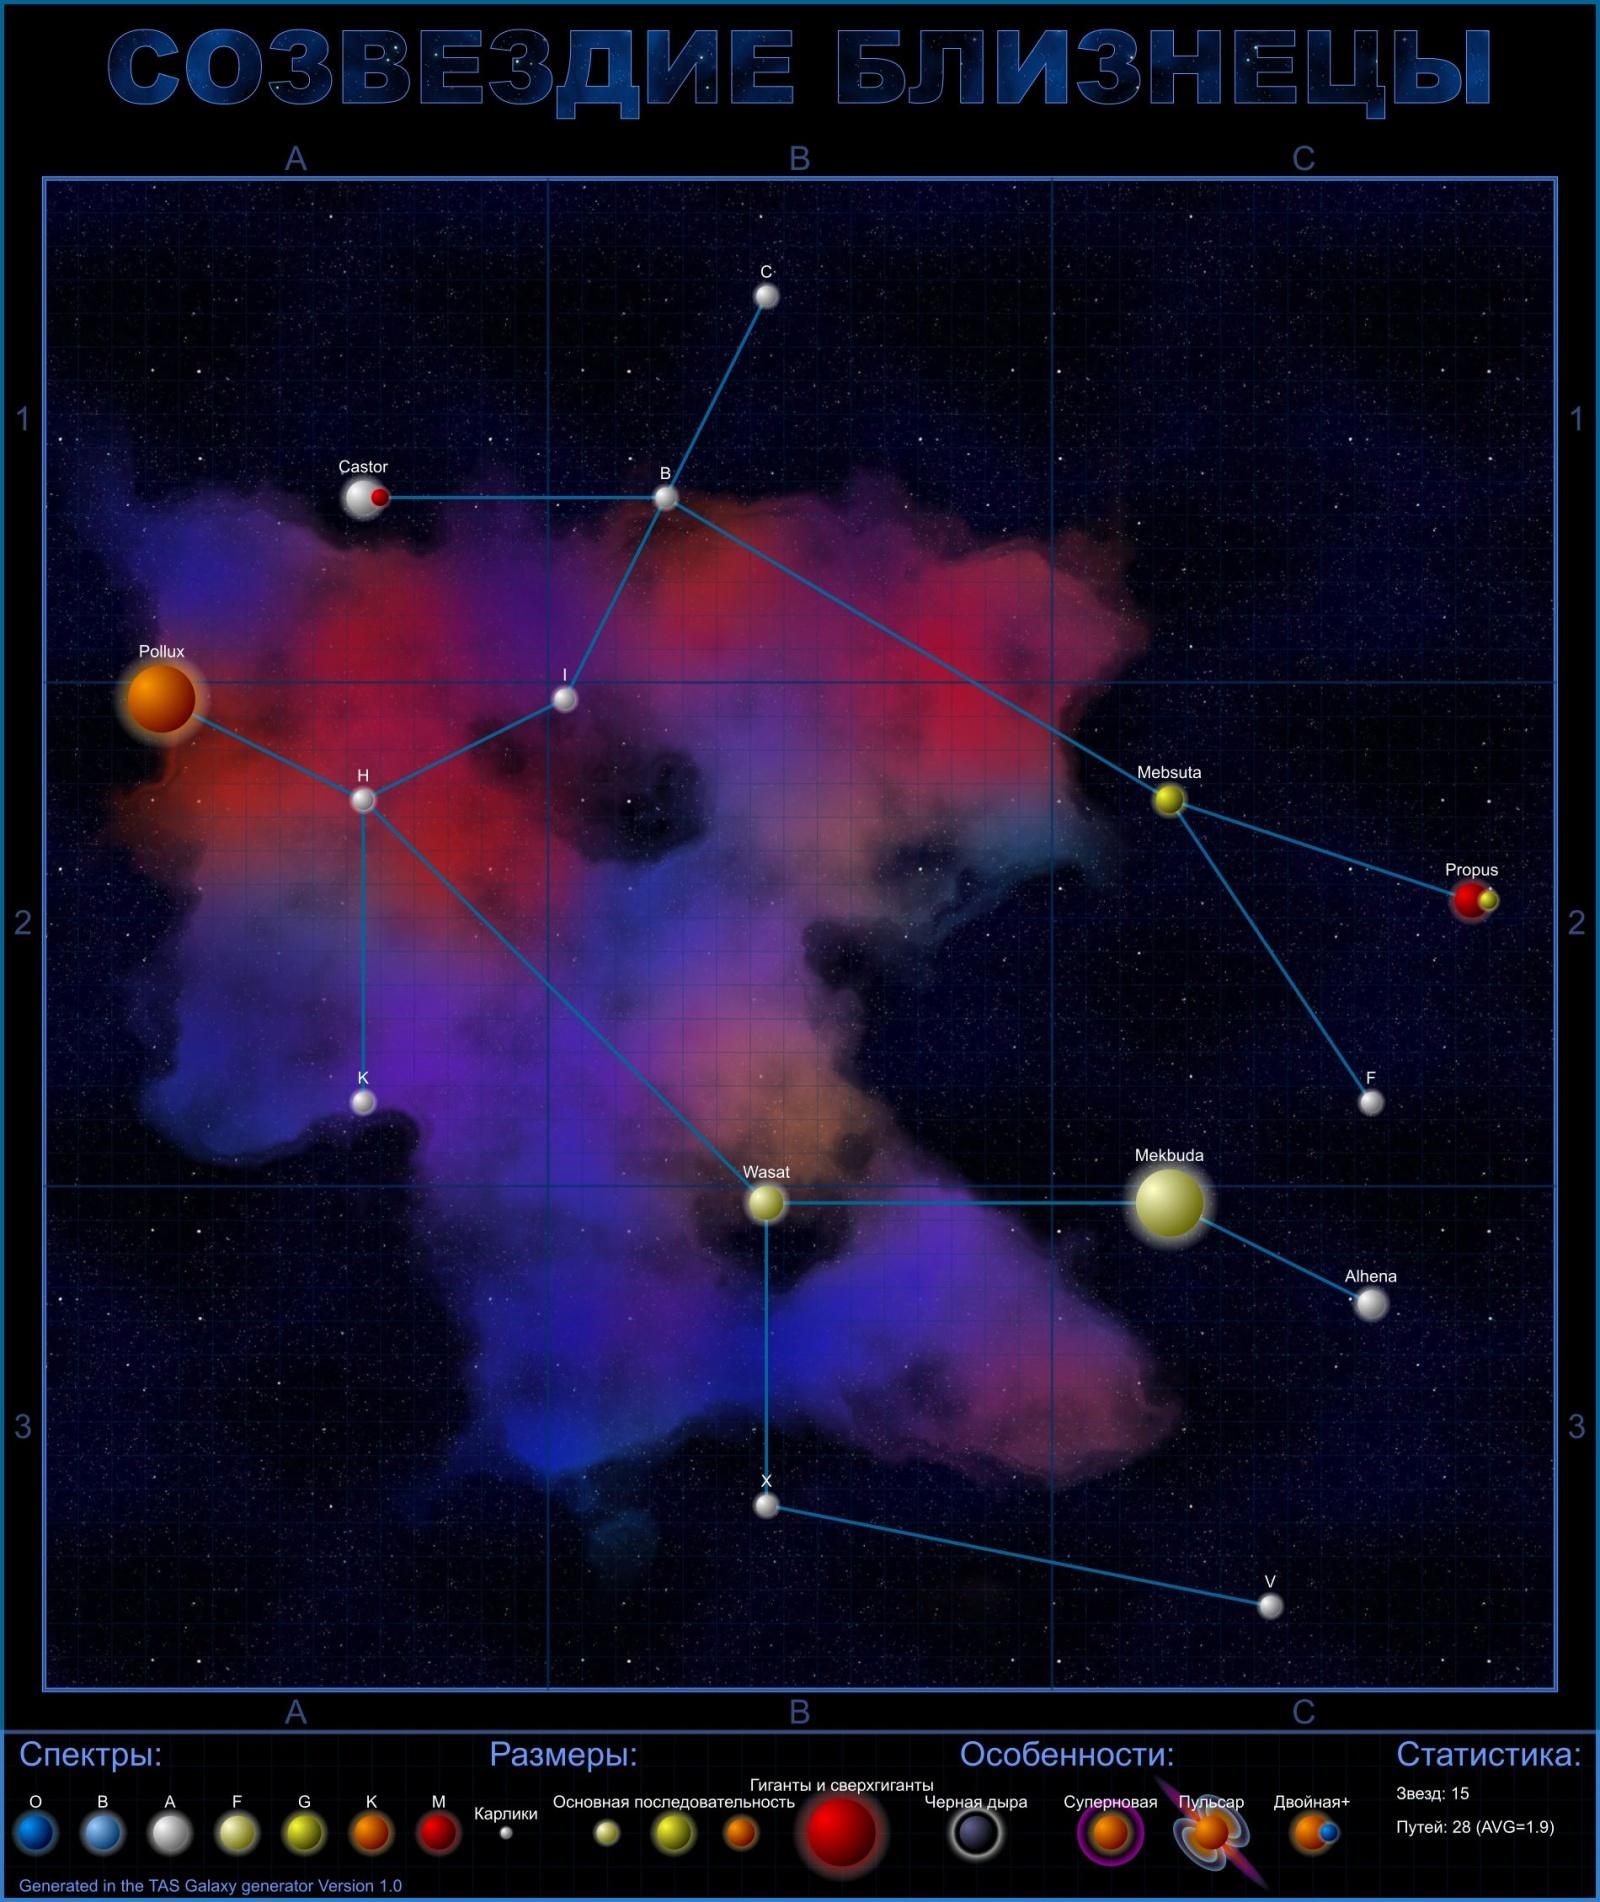 Генерация Галактики и обучение начальным знаниям астрономии - 6